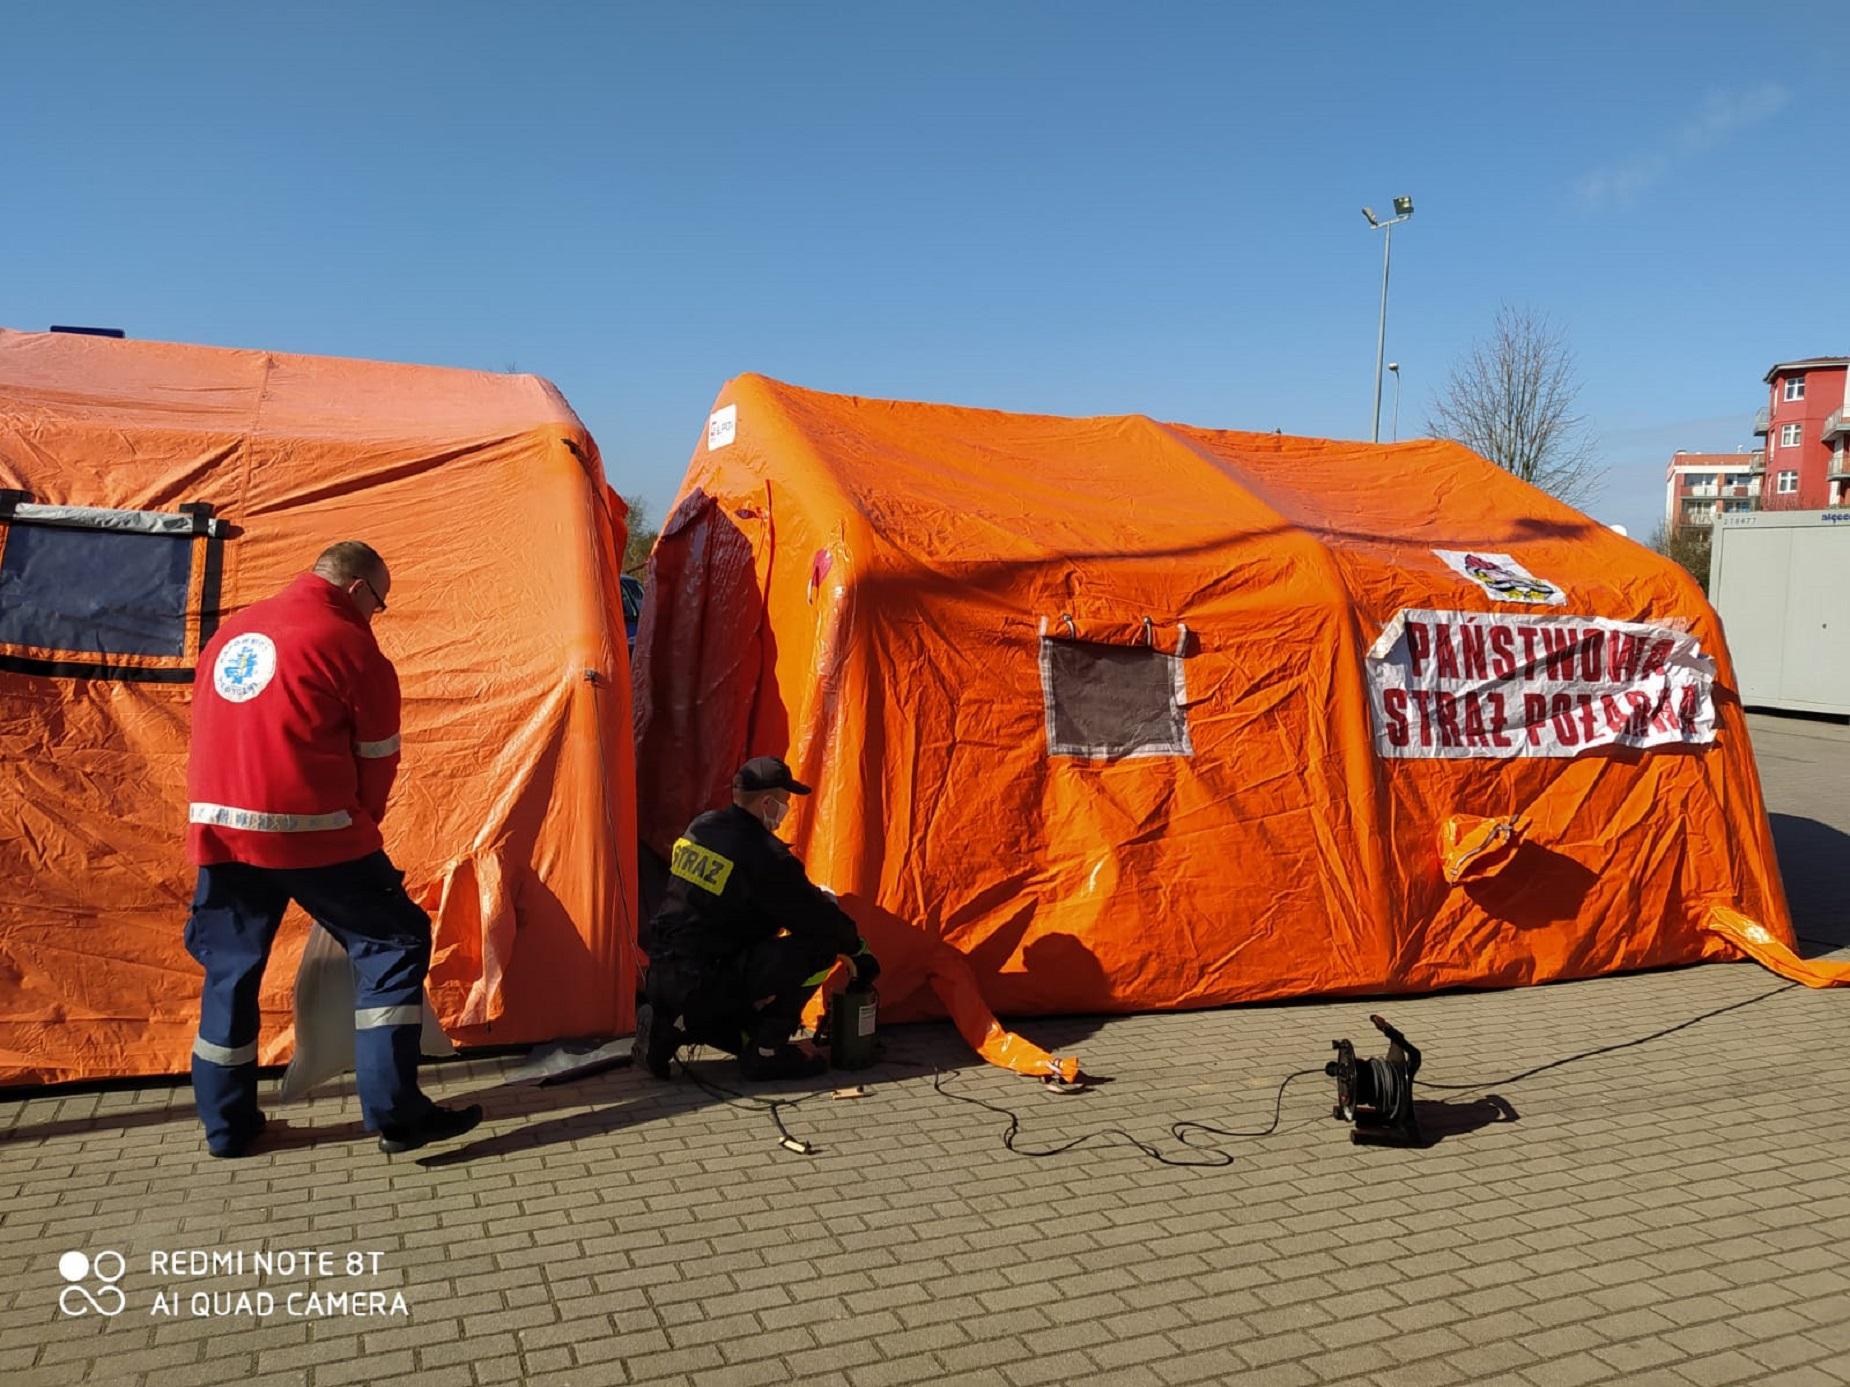 Namioty do triażu stanęły przed słupskim szpitalem, a pomogła w tym Straż Pożarna. Są też kontenery do izolacji chorych